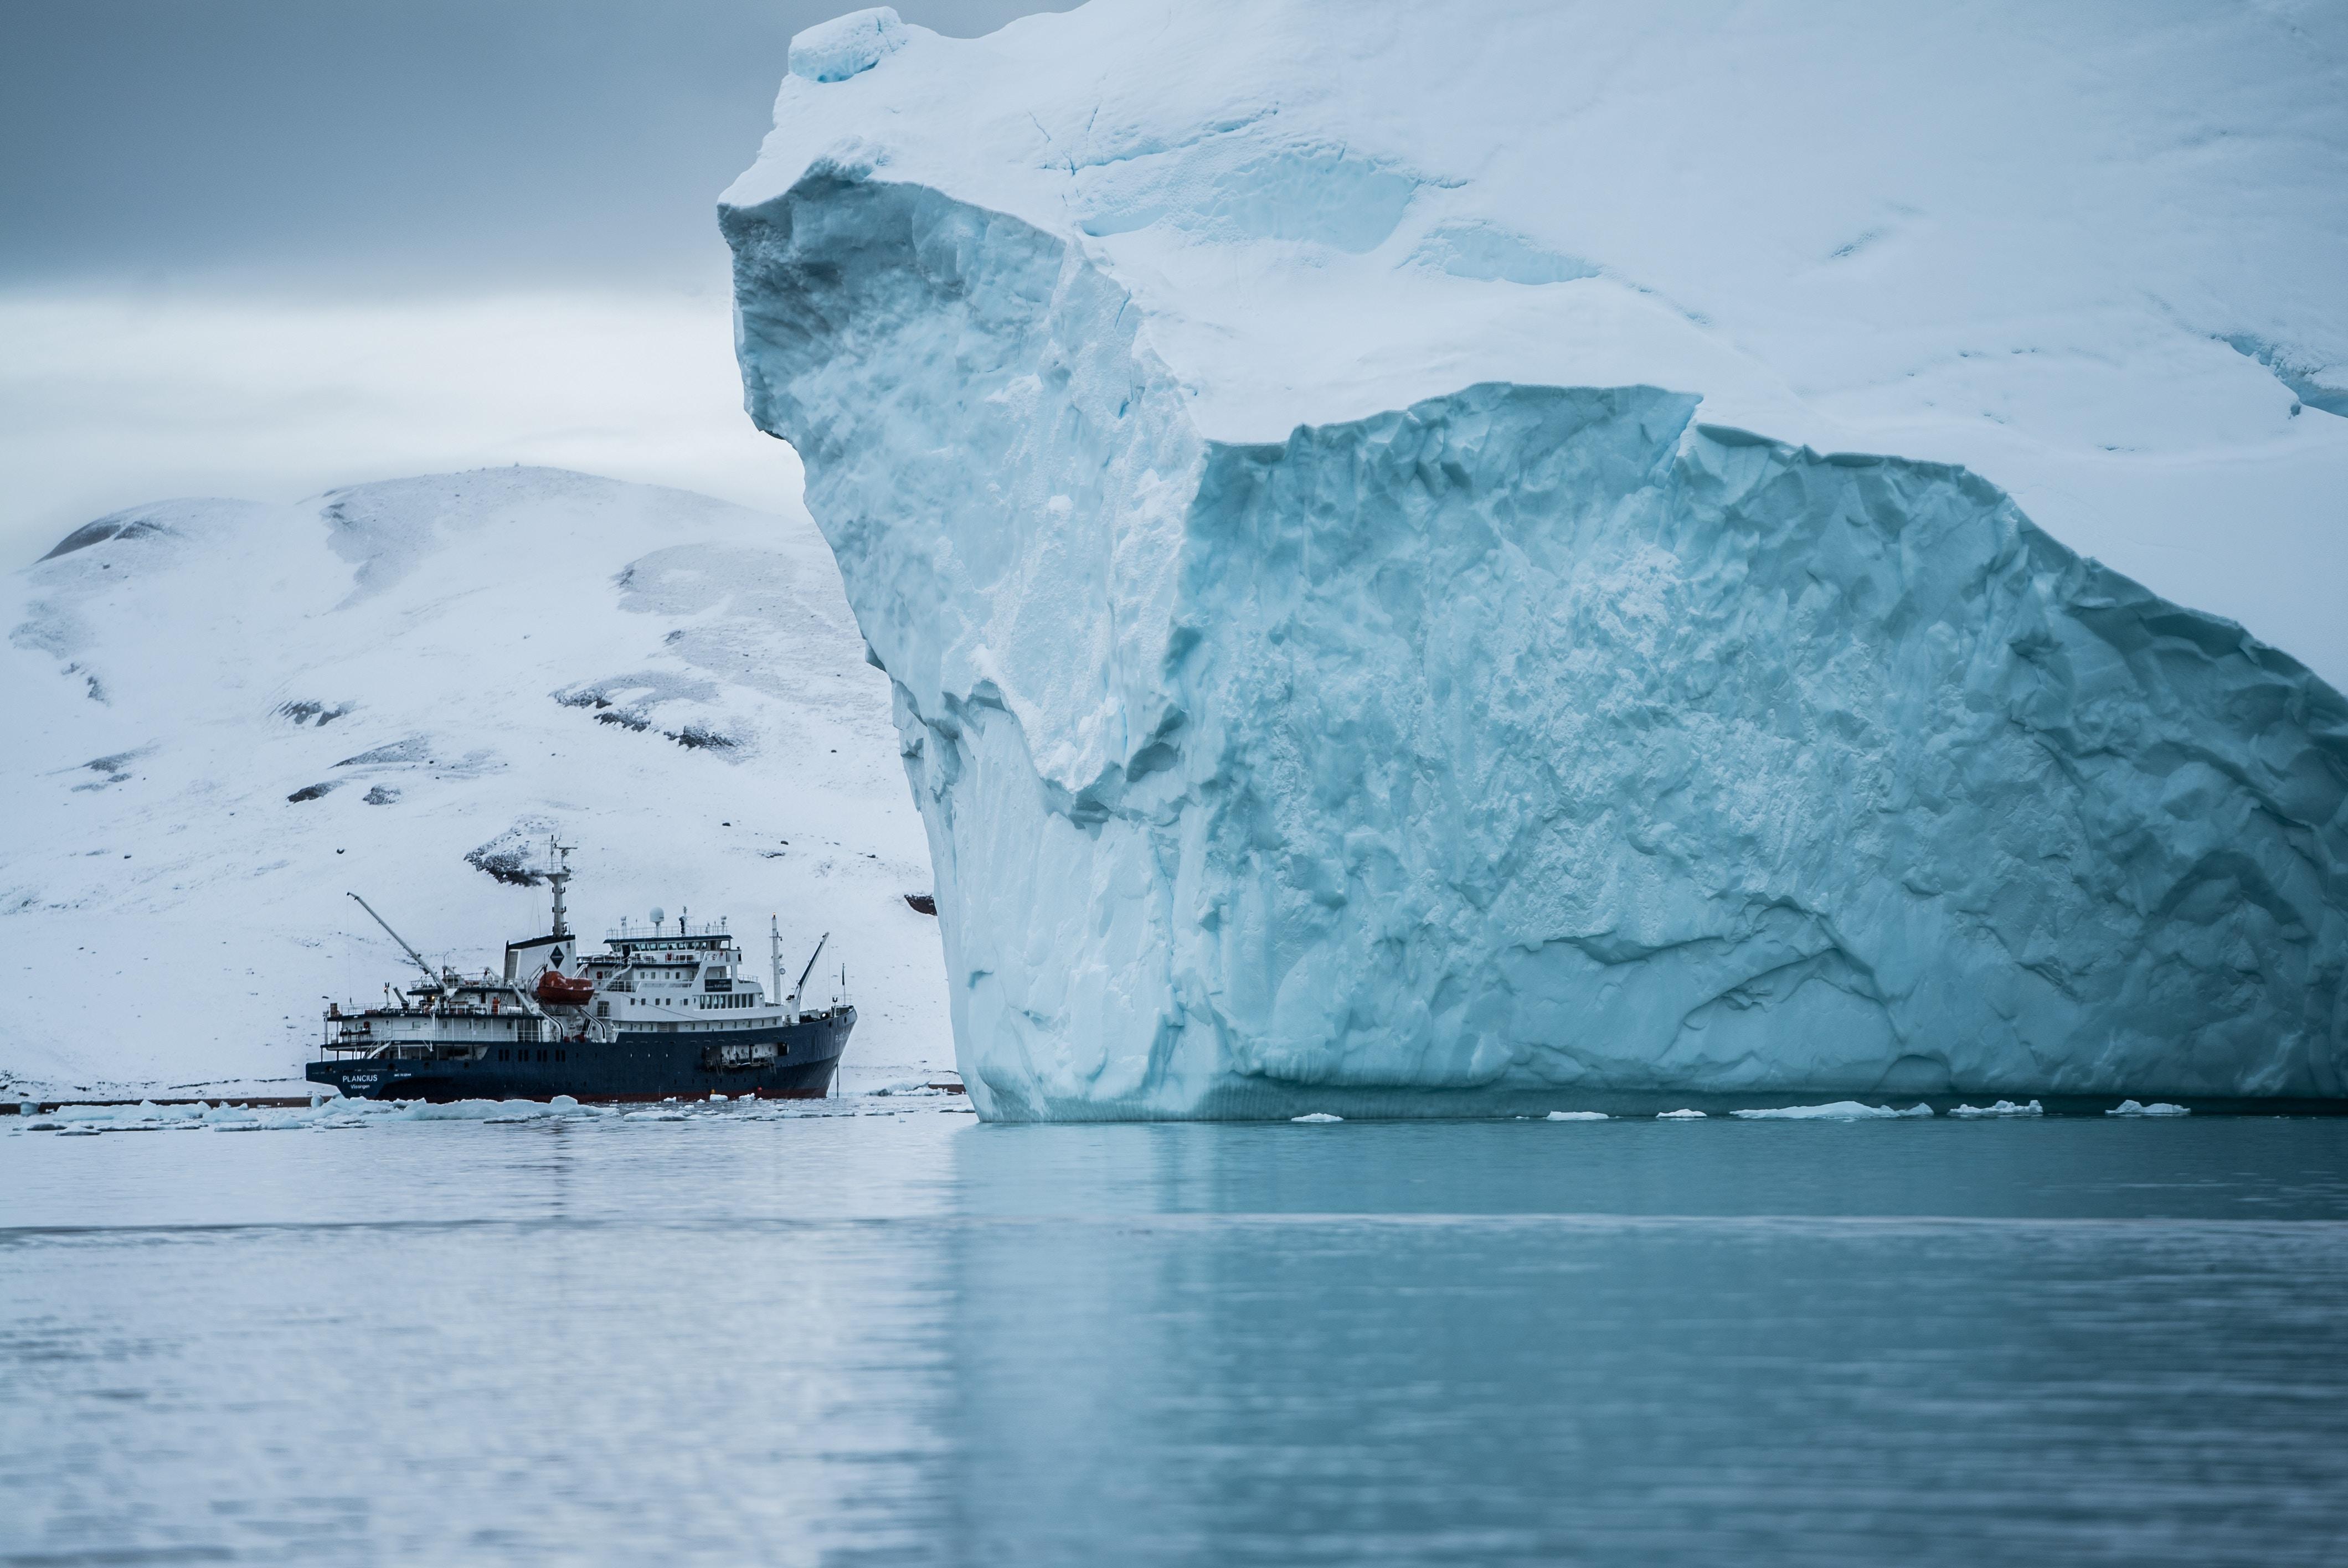 世界一大きい島ってどんなとこ?〜グリーンランド〜 | 北欧情報 ...